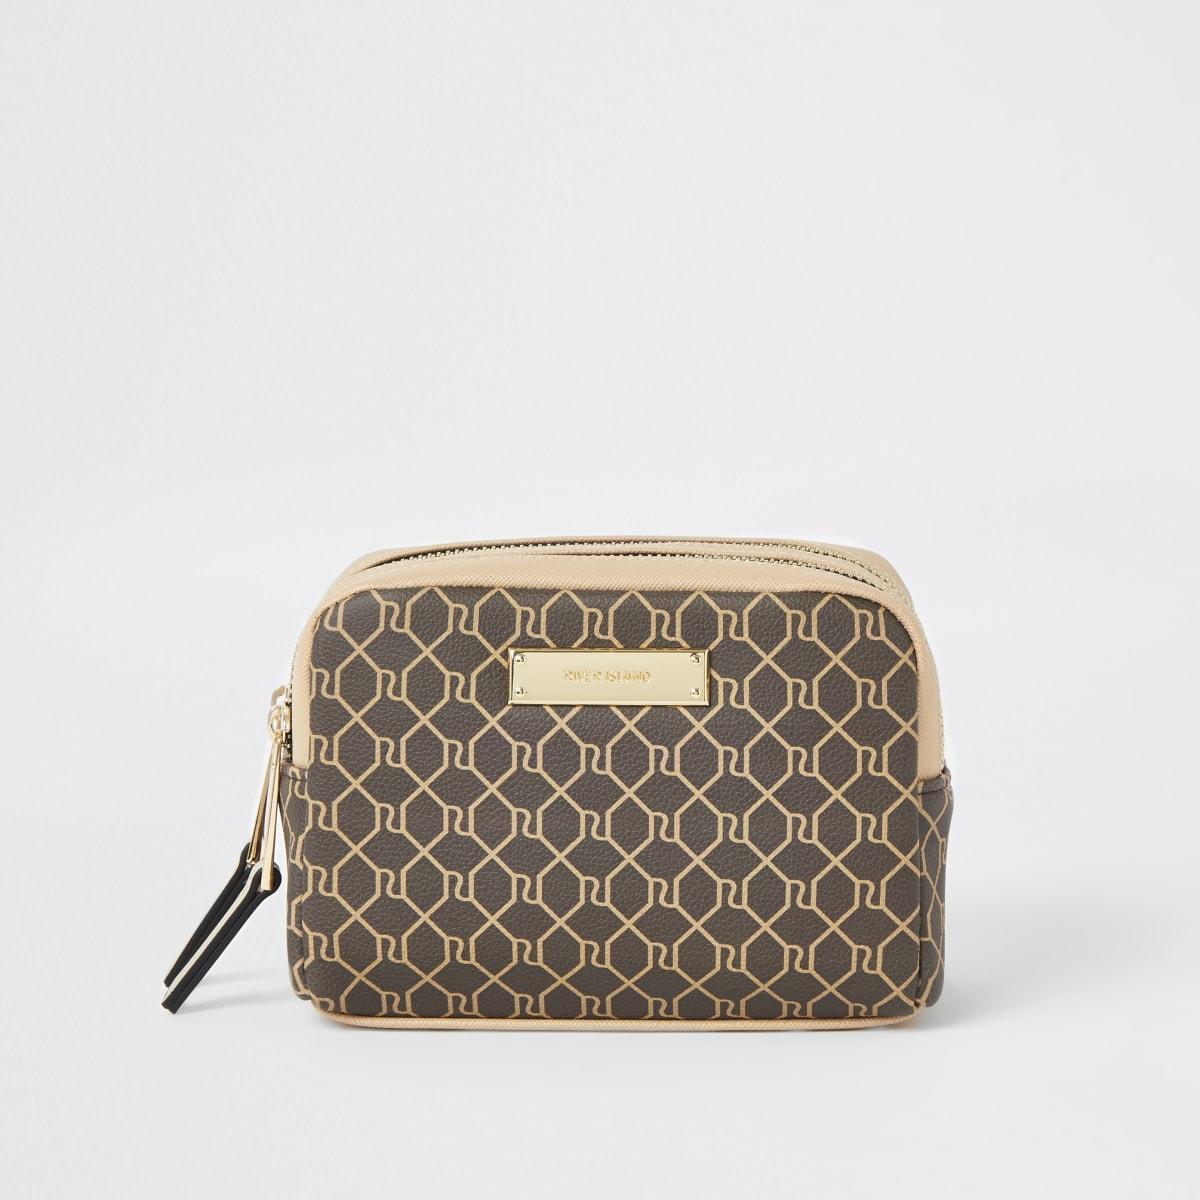 Brown RI monogram double zip top make-up bag